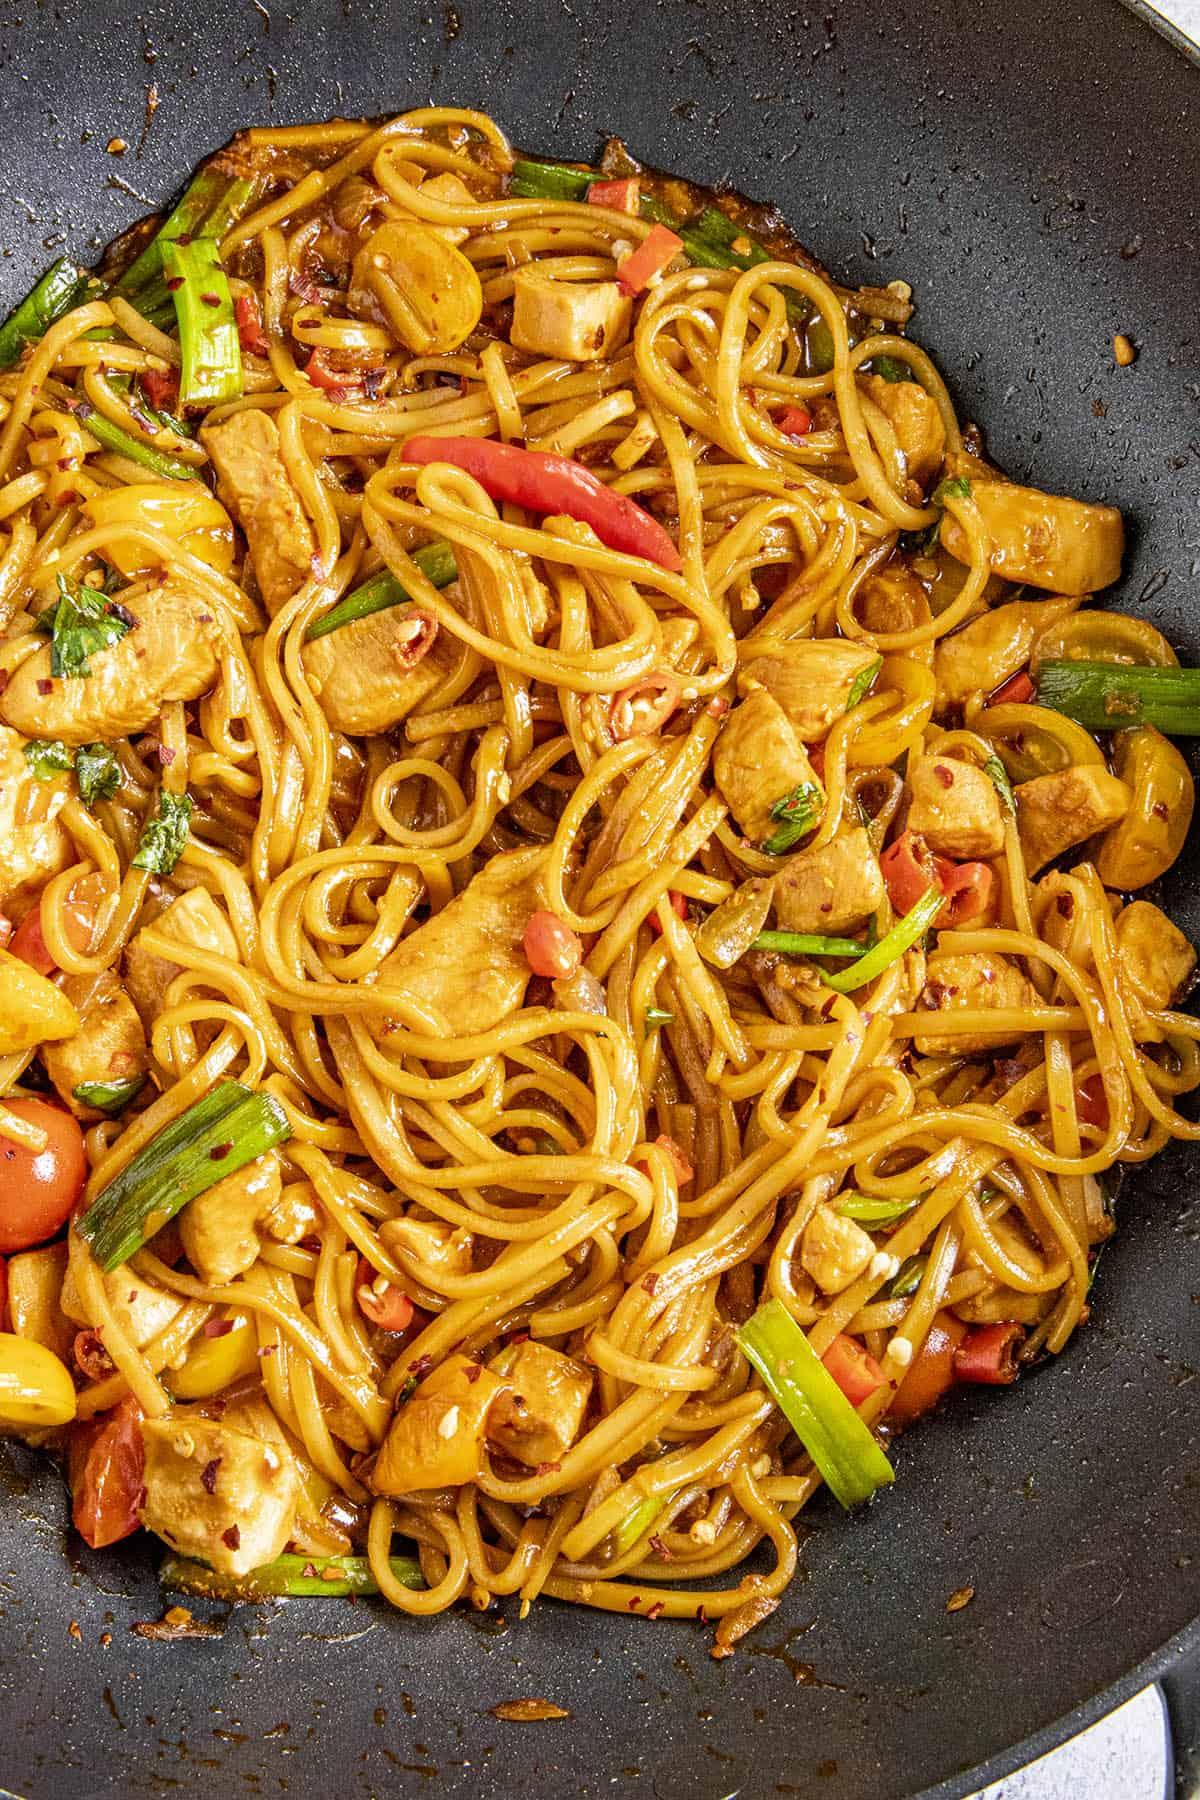 Spicy Drunken Noodles in a pan